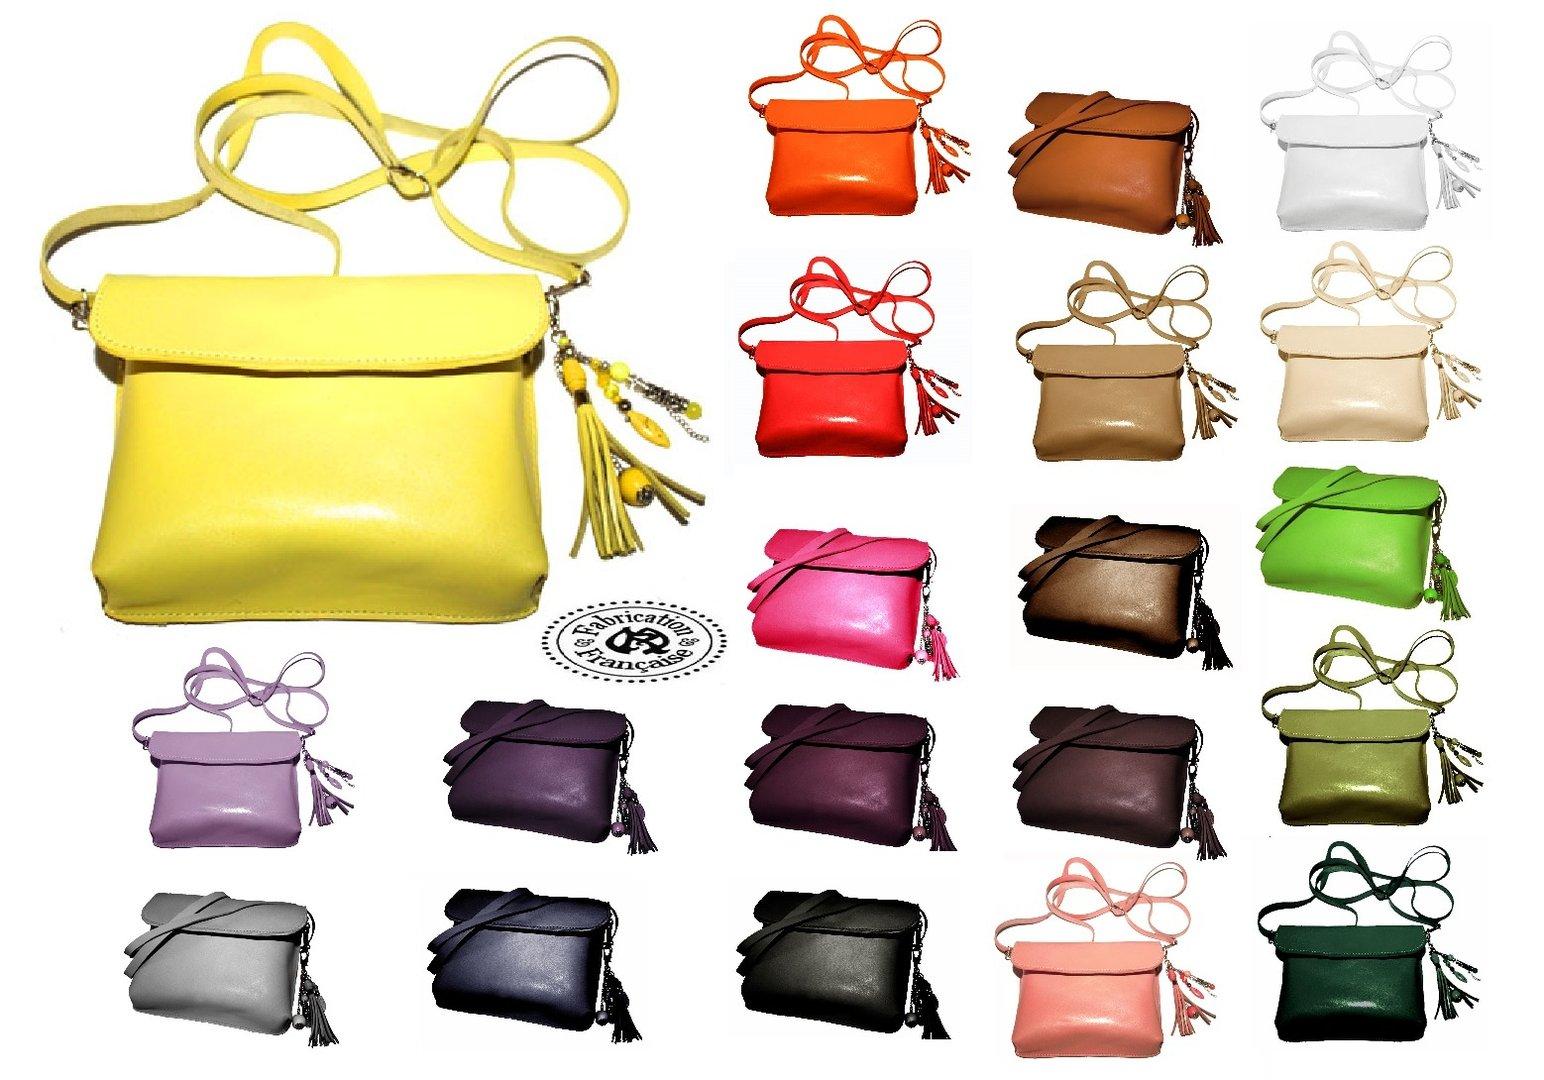 en soldes 38440 87080 Mini sac à main pochette bandoulière modulable en besace cuir lisse avec  grigri bijou de sac offert